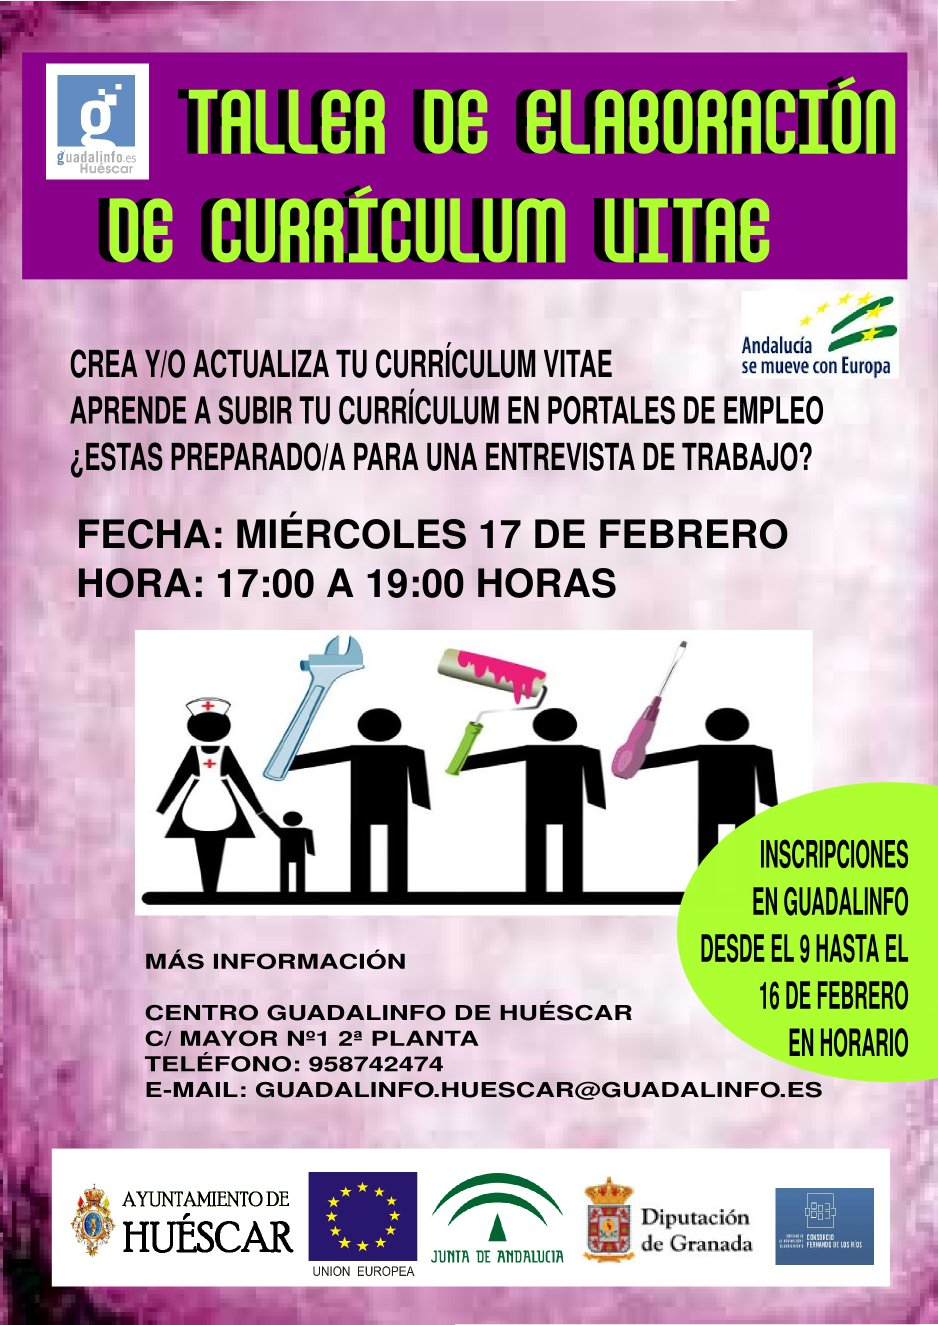 CENTRO GUADALINFO DE HUESCAR: 02/01/2016 - 03/01/2016